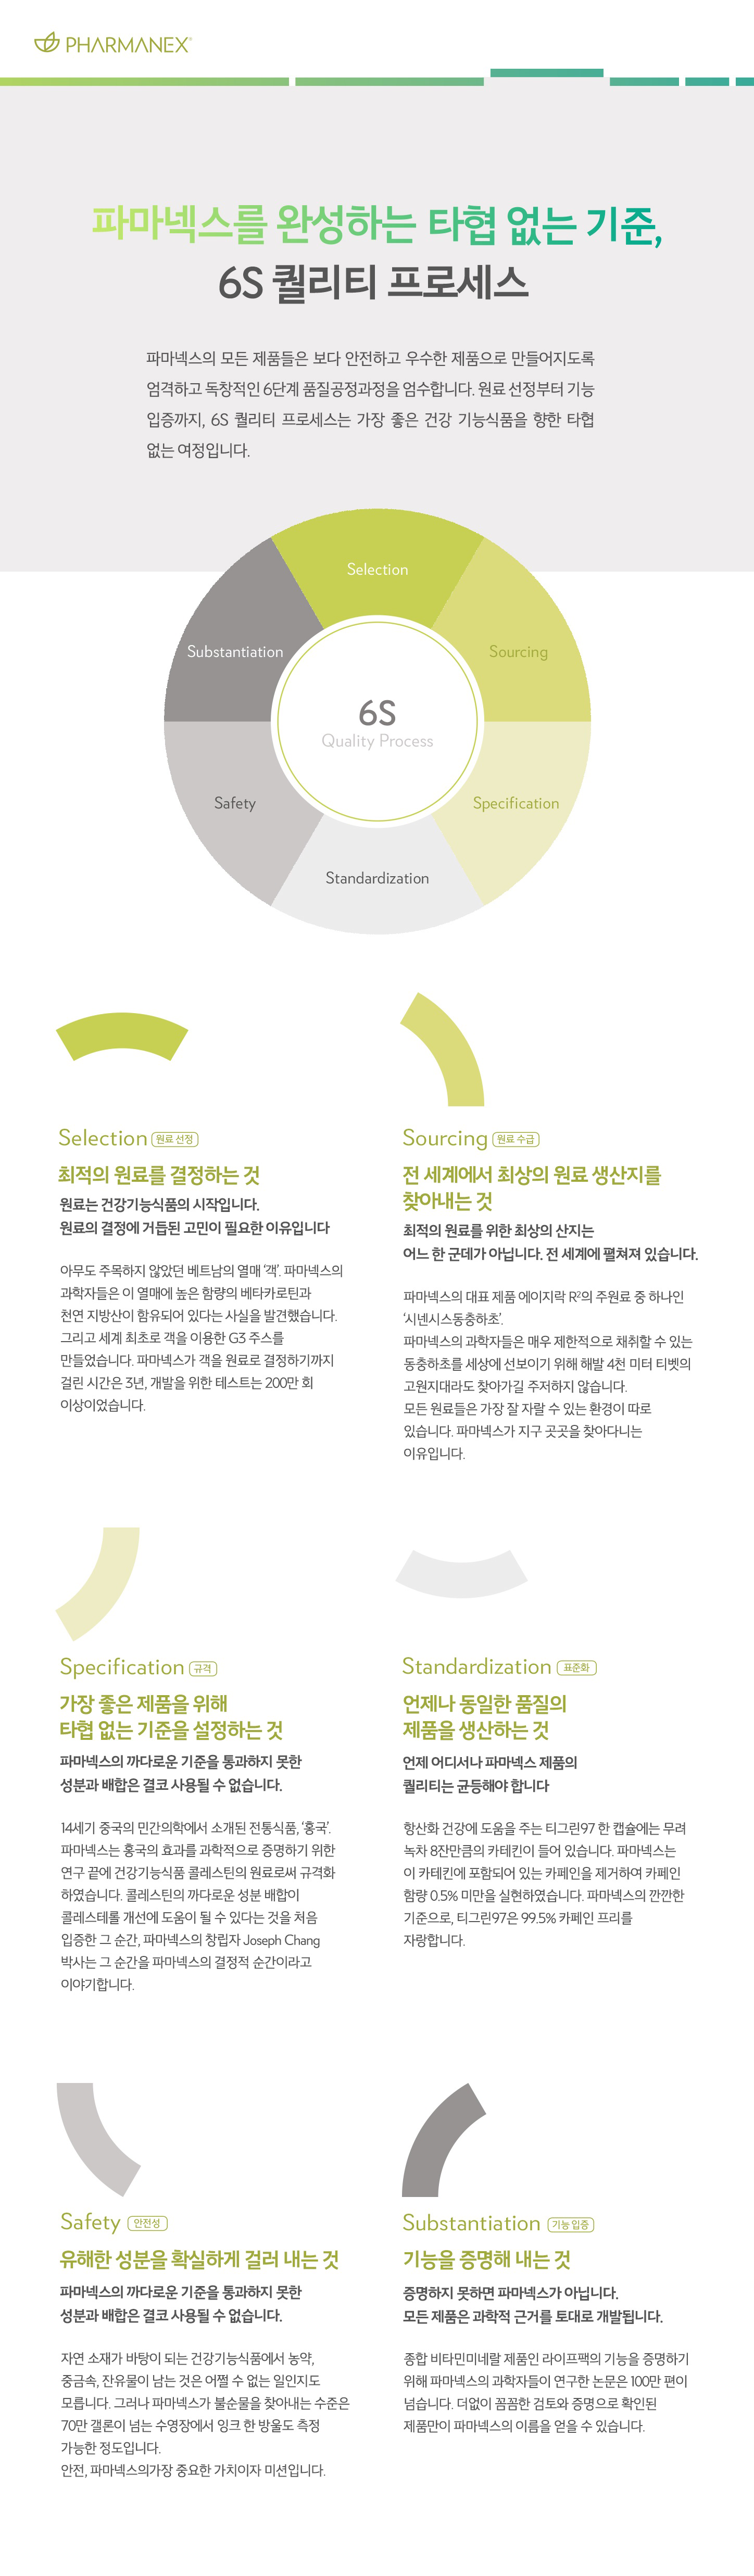 01 선정 SELECTION